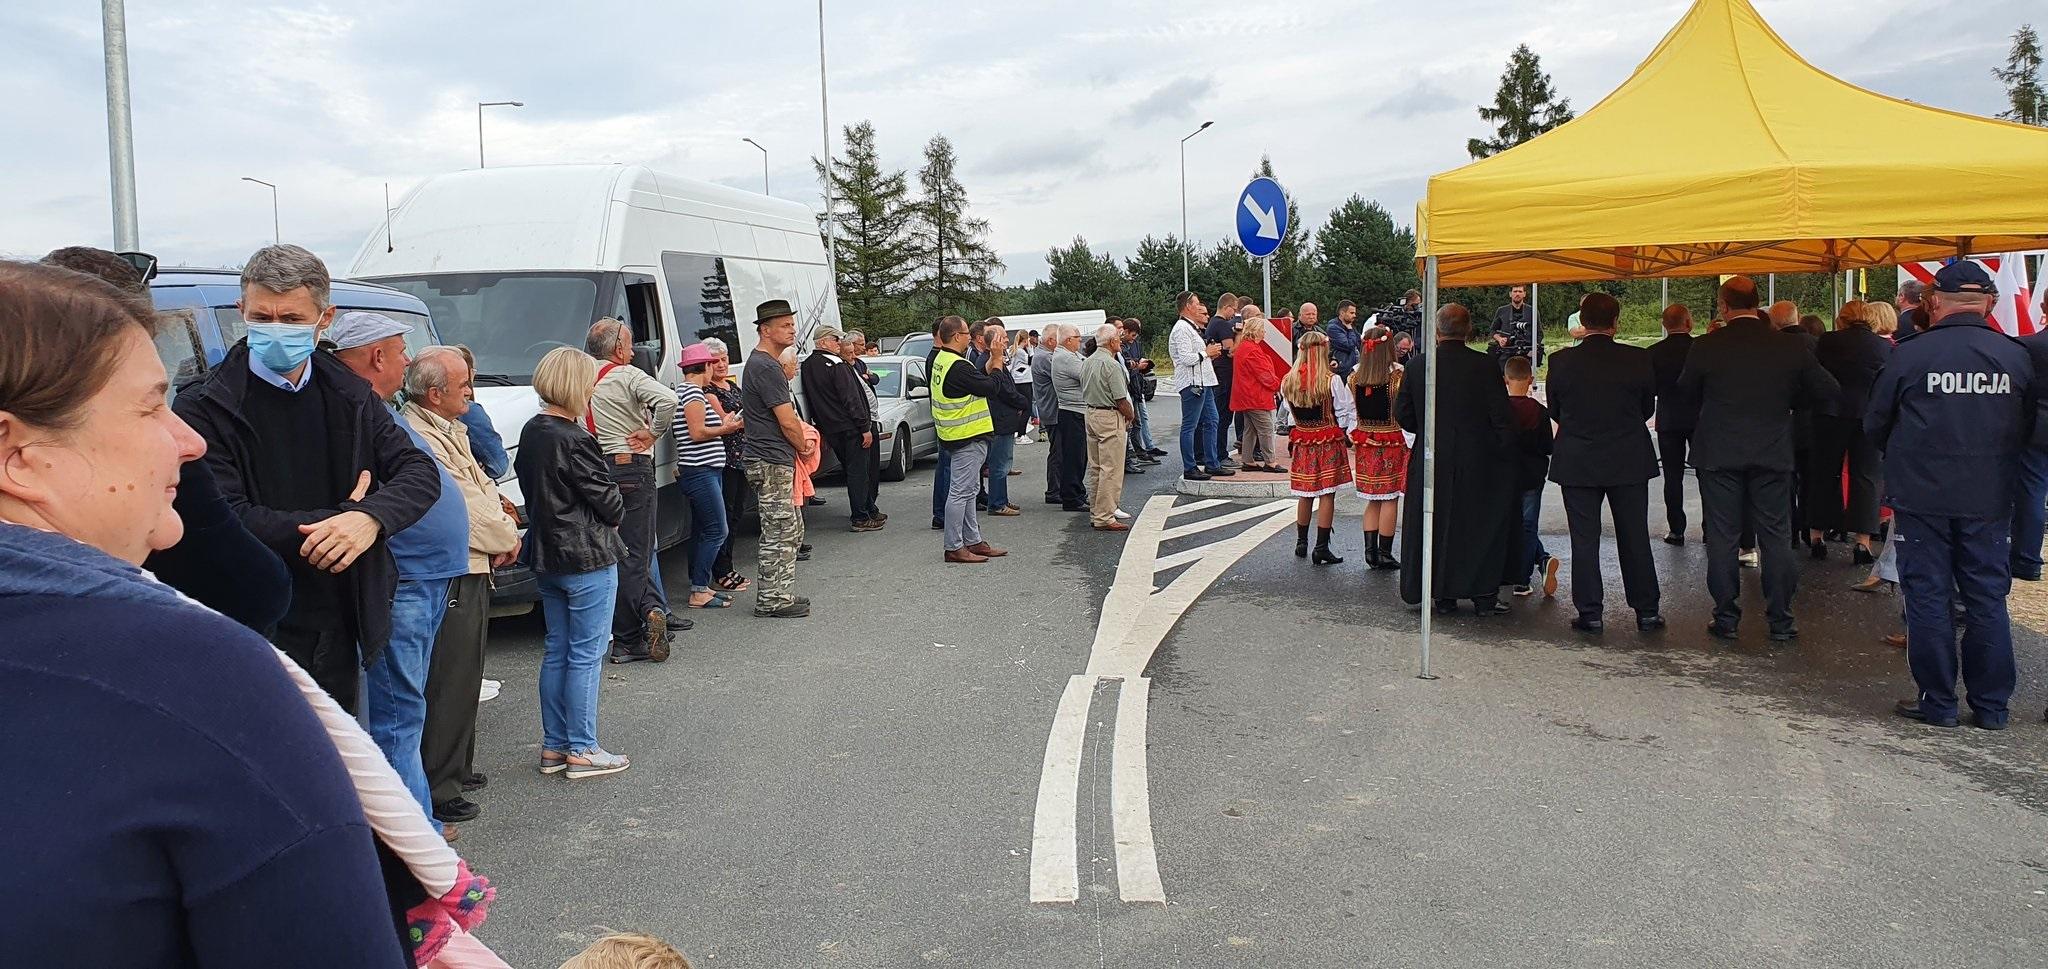 EhUiWqiXgAAzjL0 Obwodnica Dąbrowy Tarnowskiej otwarta dla kierowców